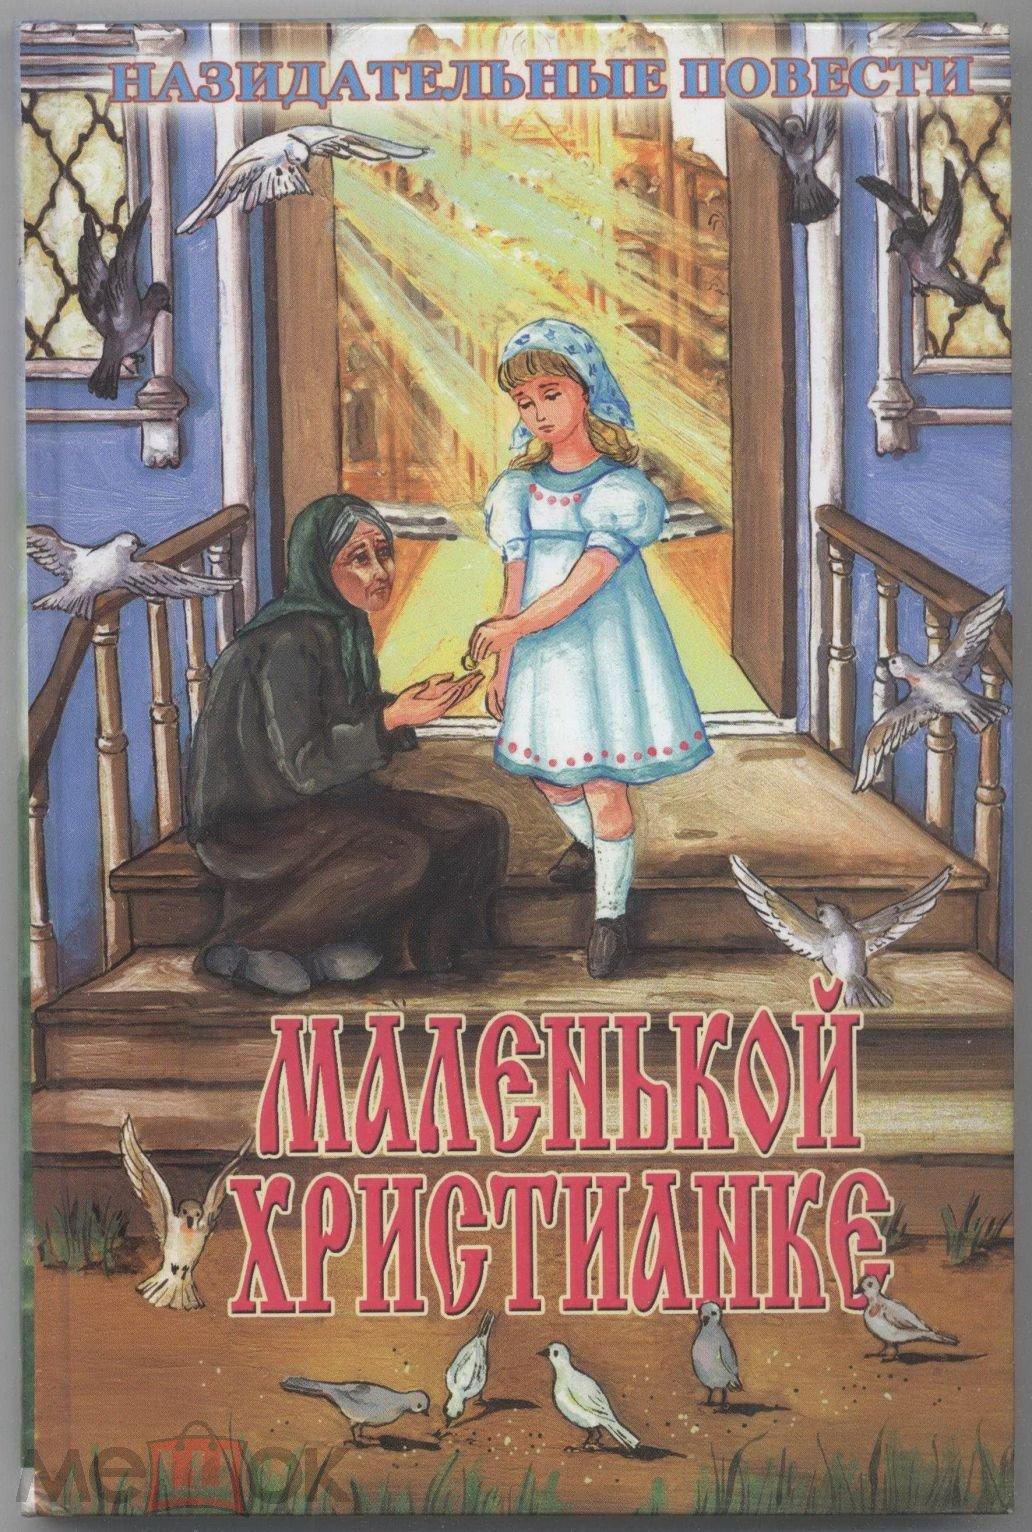 Маленькой христианке. Назидательные повести (2006)